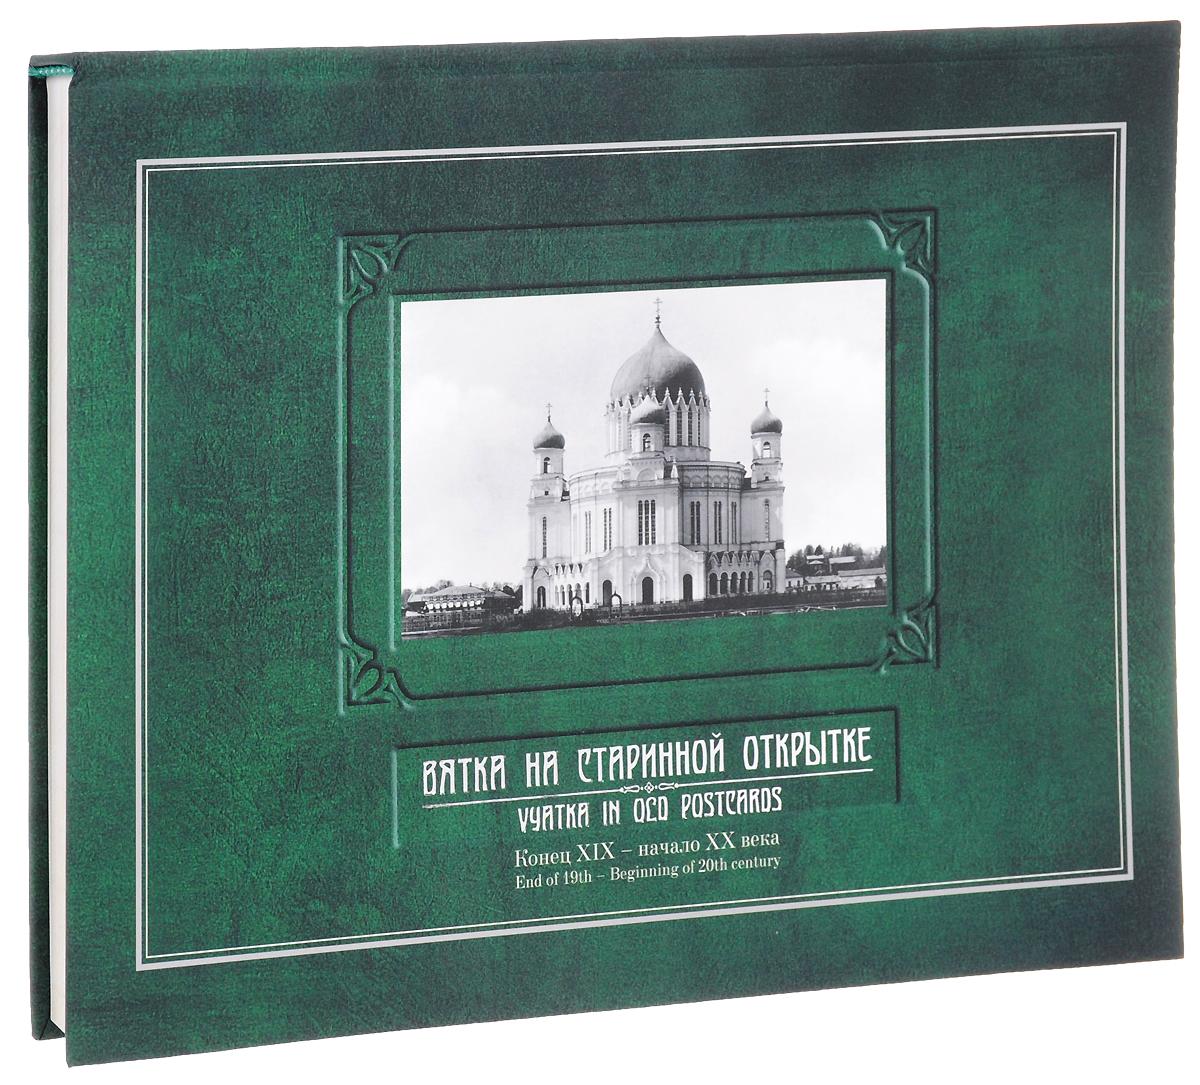 Каталог открыток 20 века